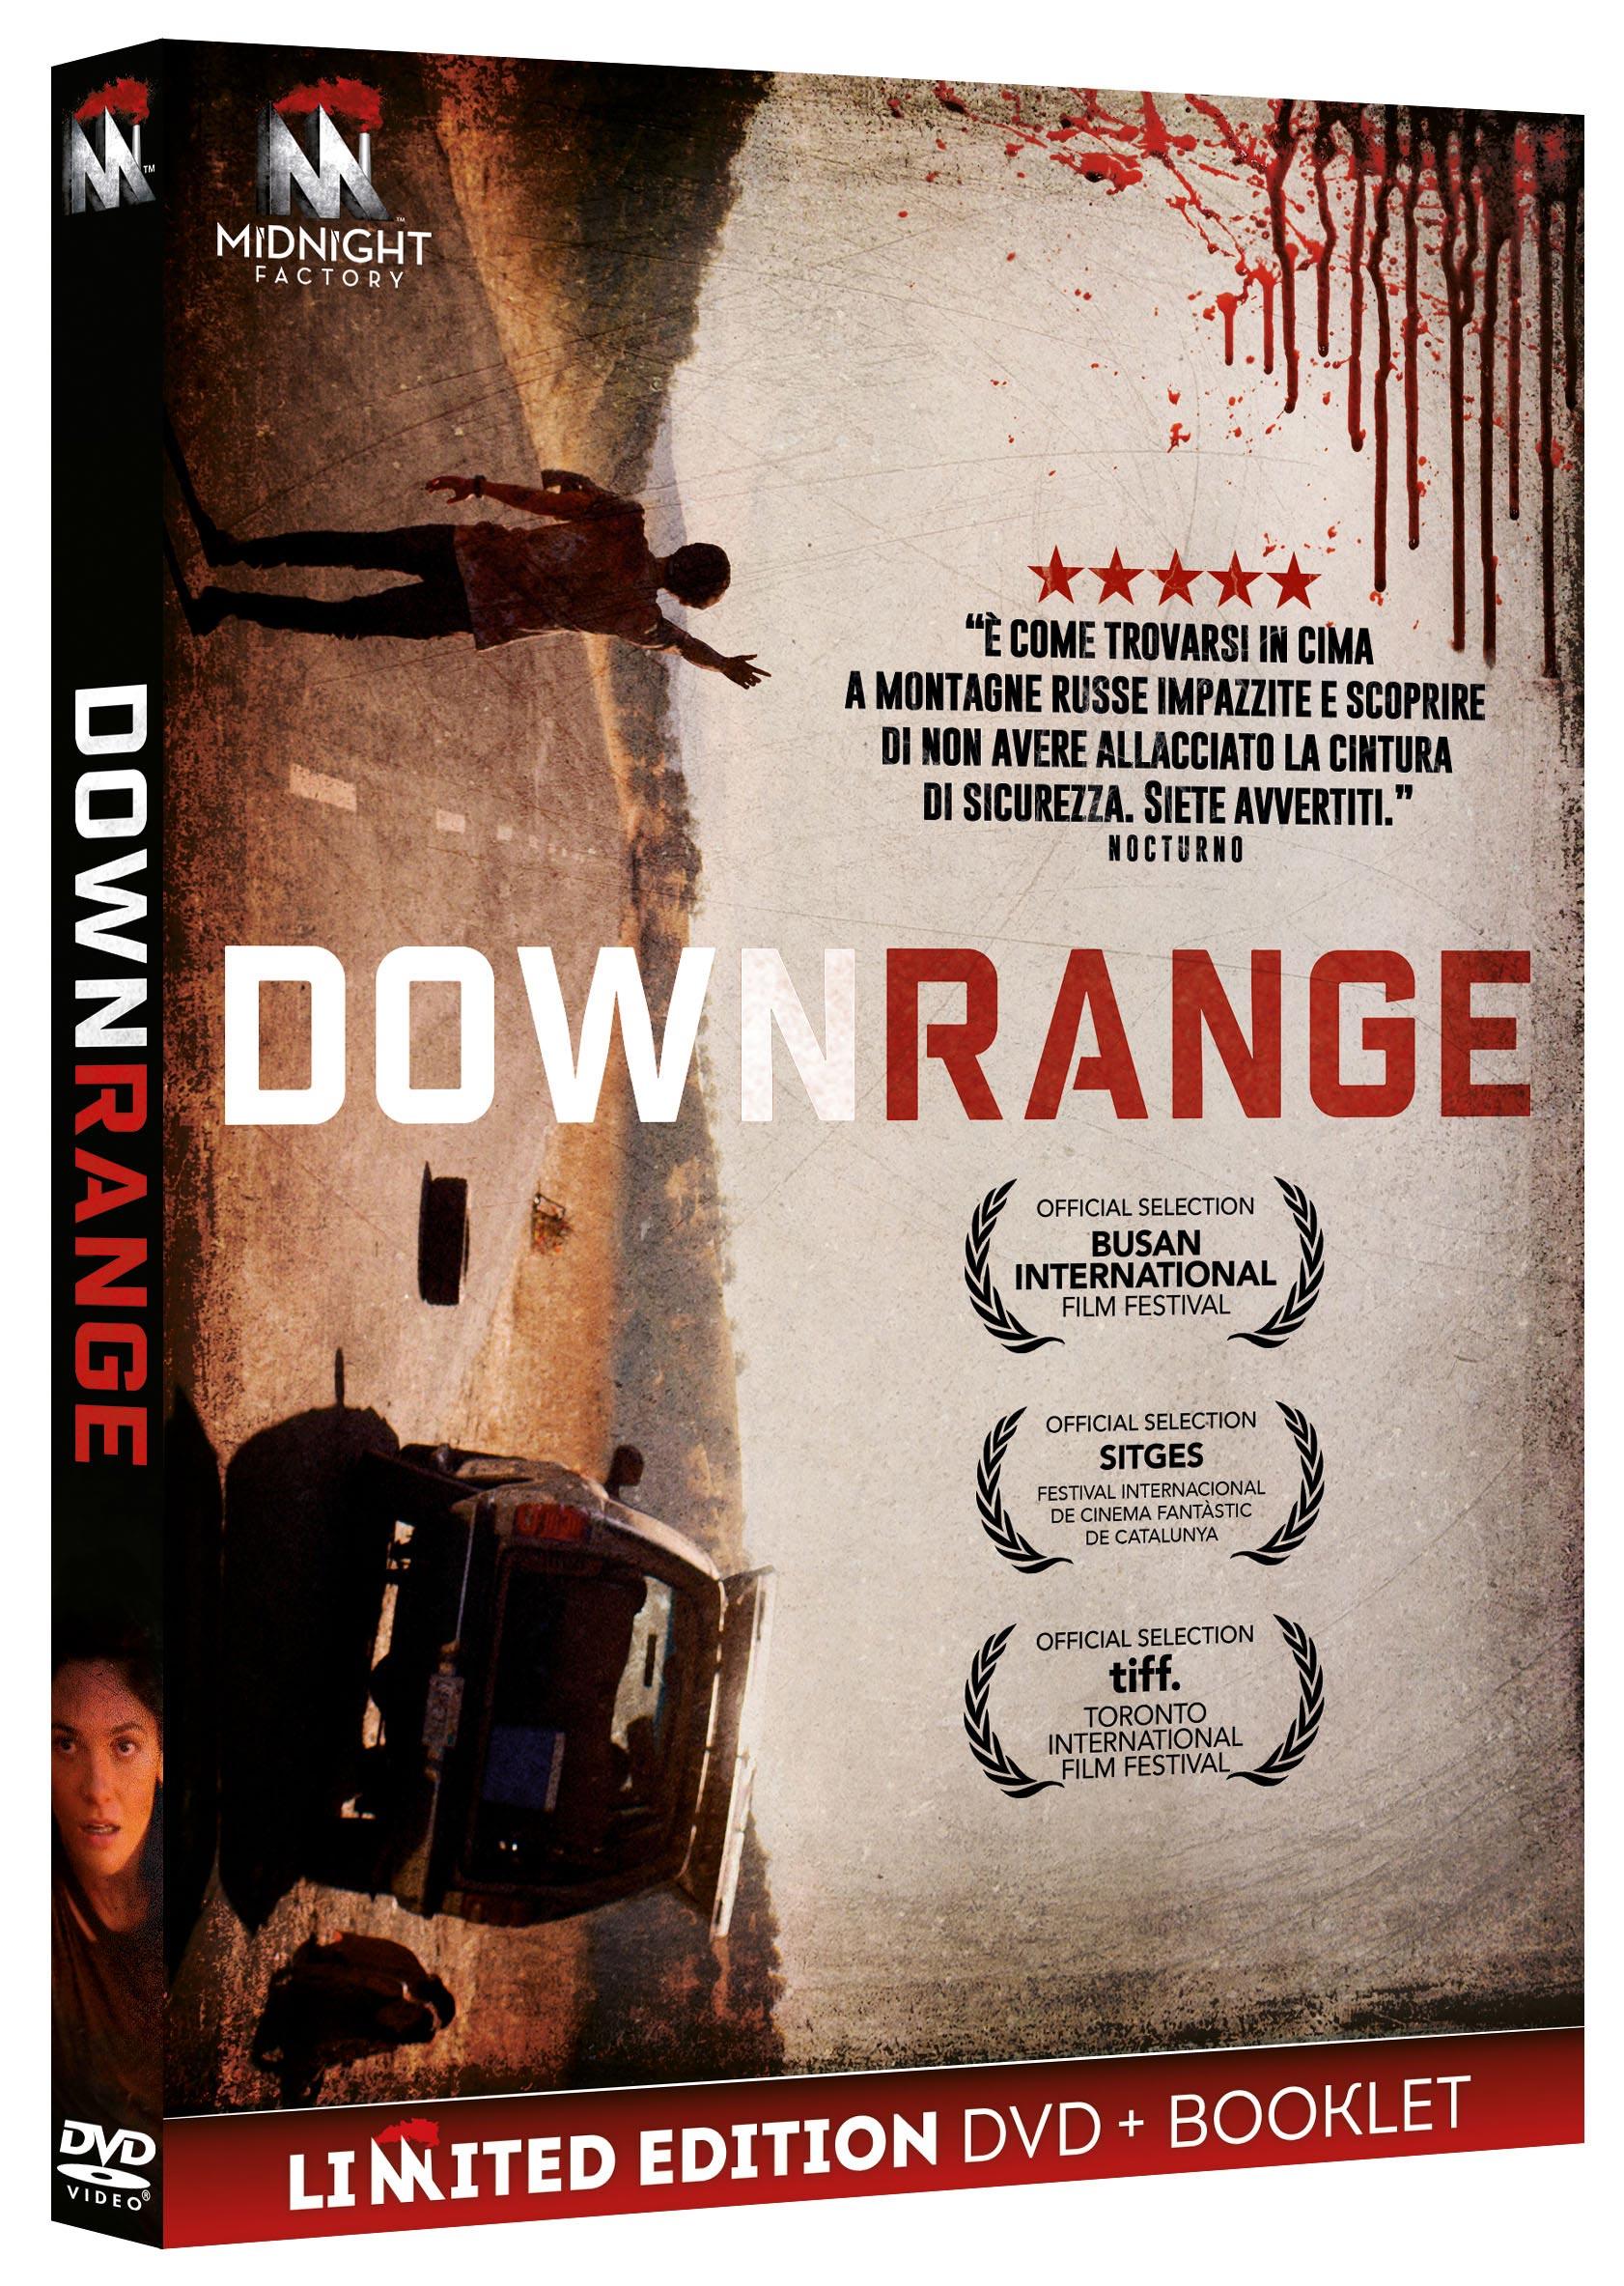 DOWNRANGE (LTD) (DVD+BOOKLET) (DVD)